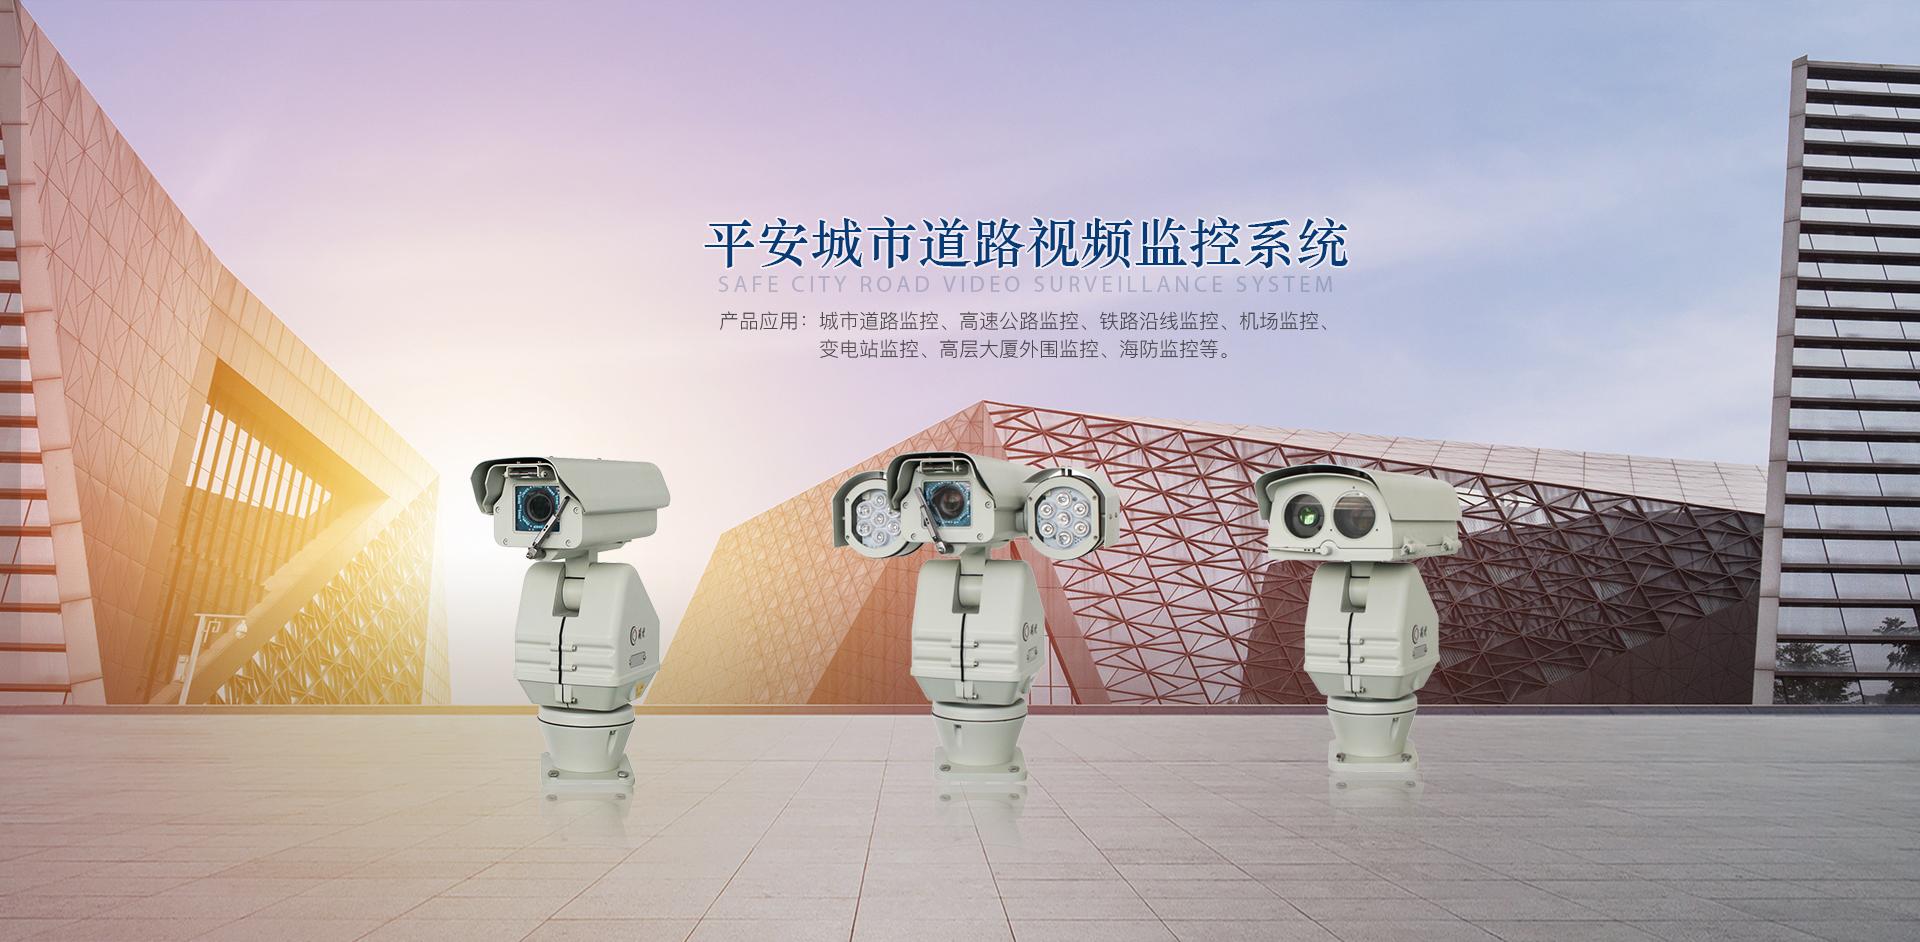 平安城市道路视频监控系统